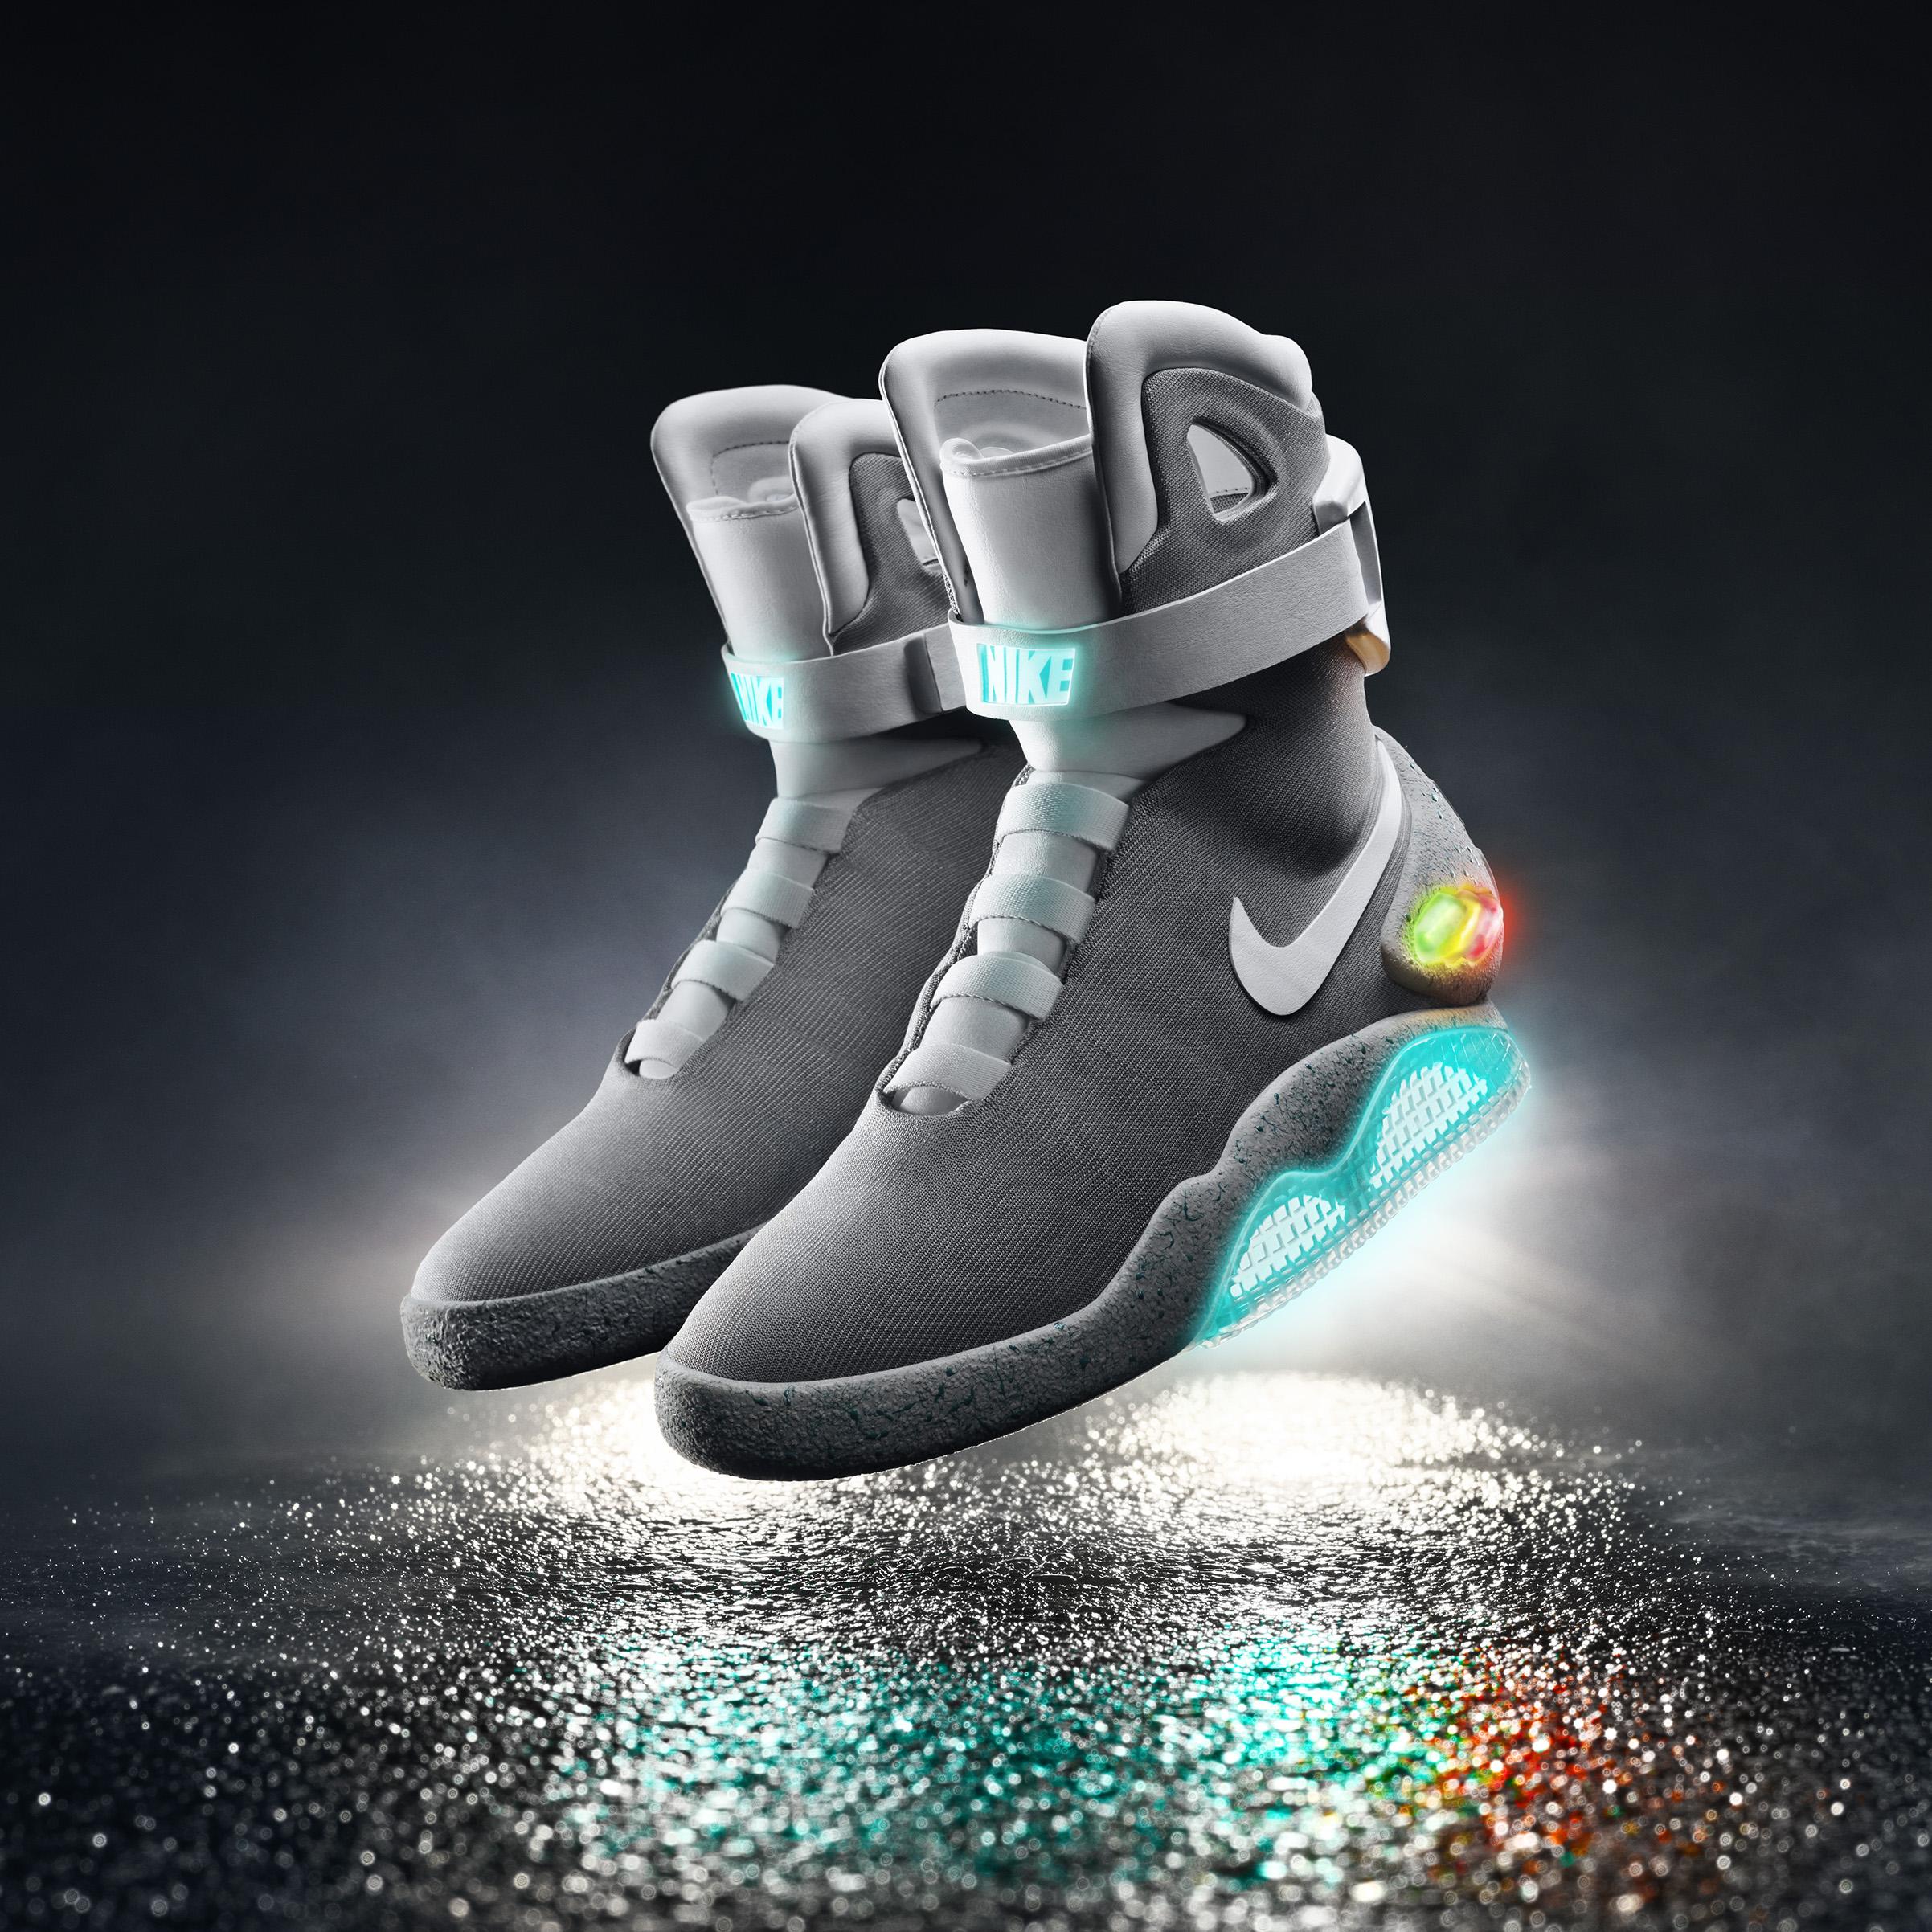 Fuerza Aérea De Nueva Nike 1 Botas De Fútbol 2015 nueva en venta qdeFg